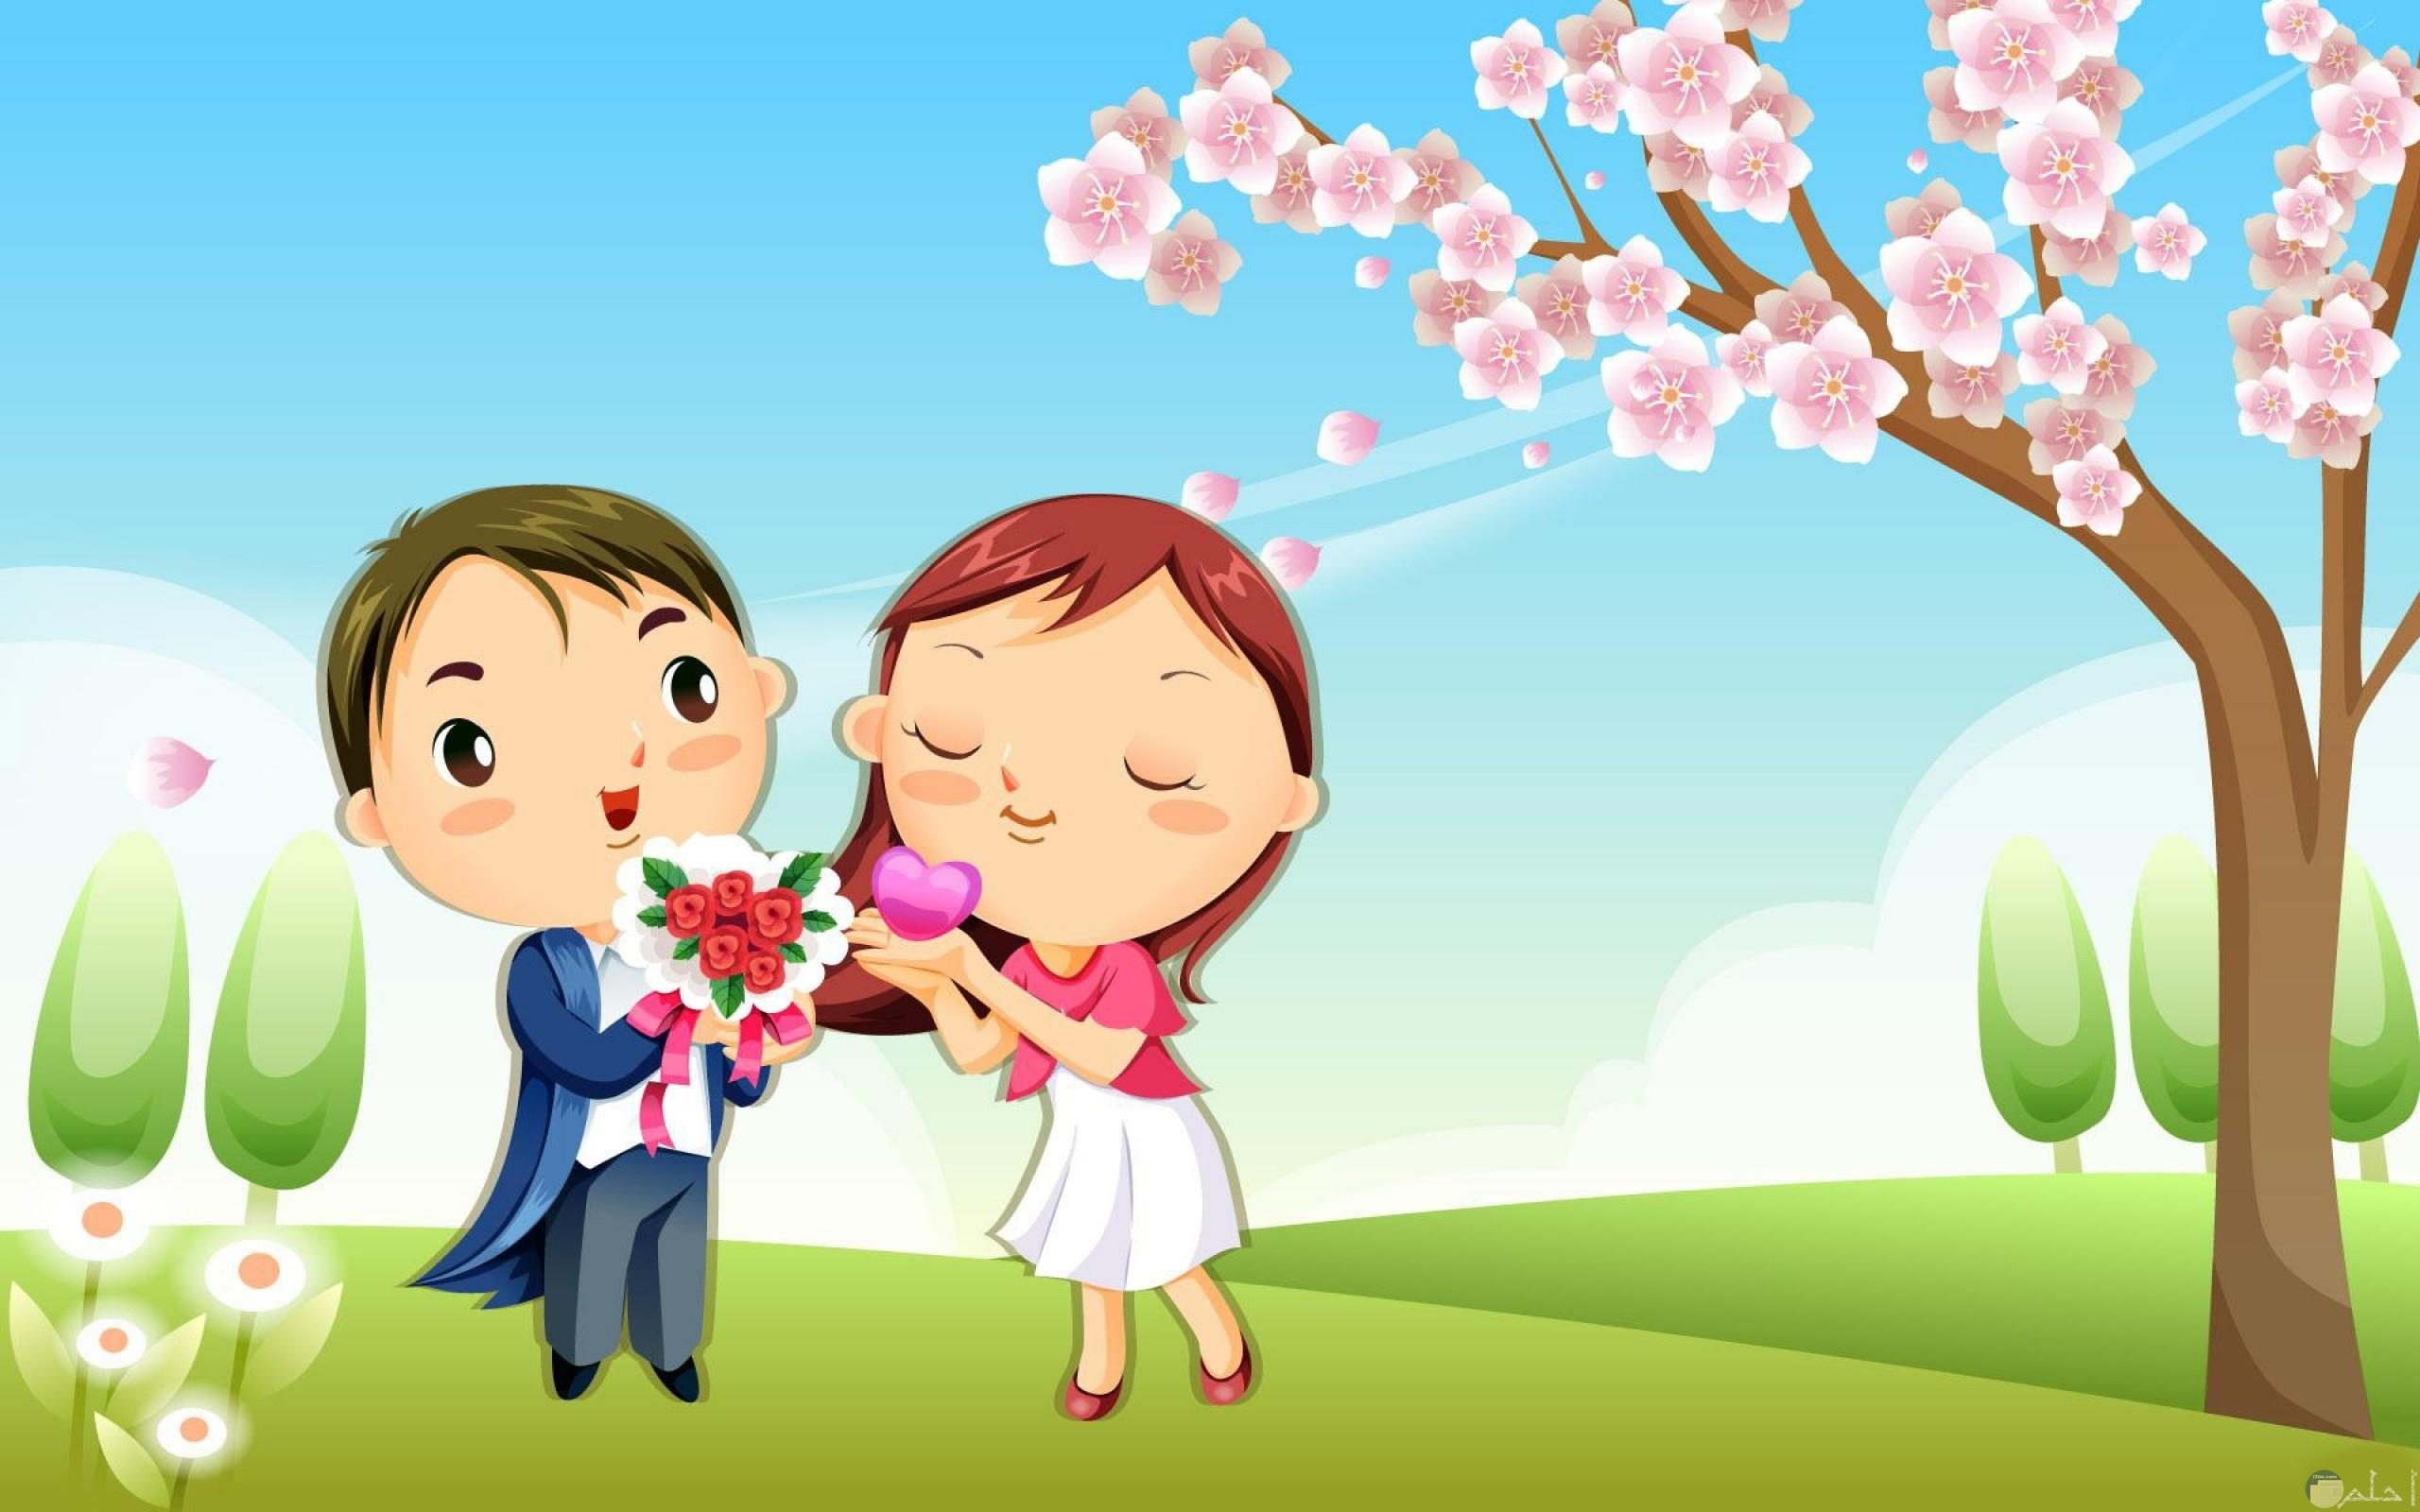 خلفية رومانسية جميلة لرسمة لرجل و فتاة مع بوكيه ورد.